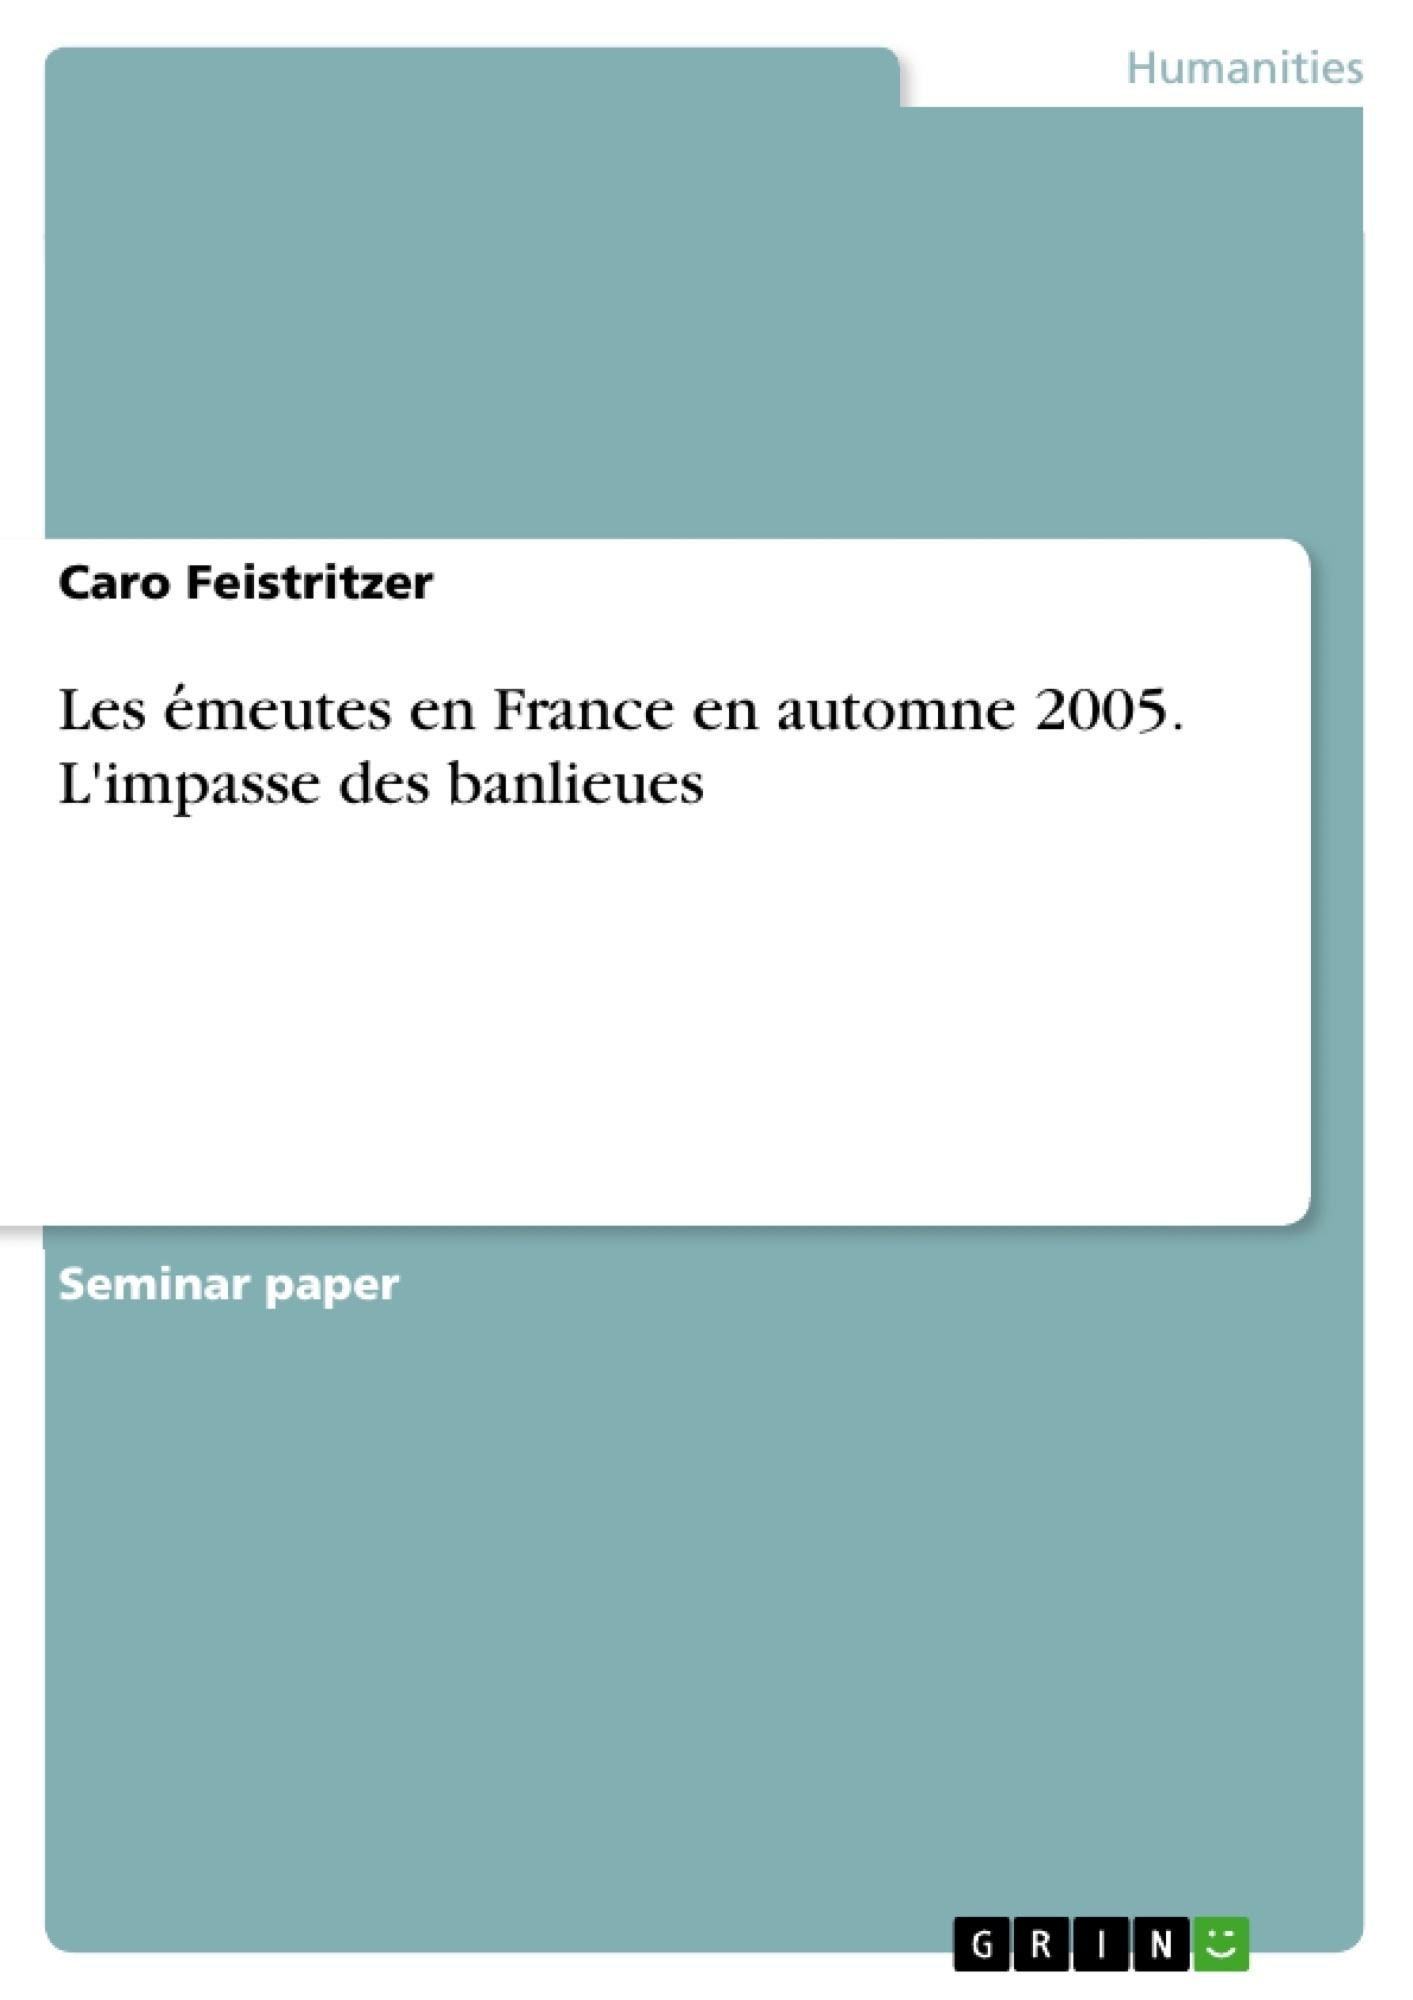 Titre: Les émeutes en France en automne 2005. L'impasse des banlieues